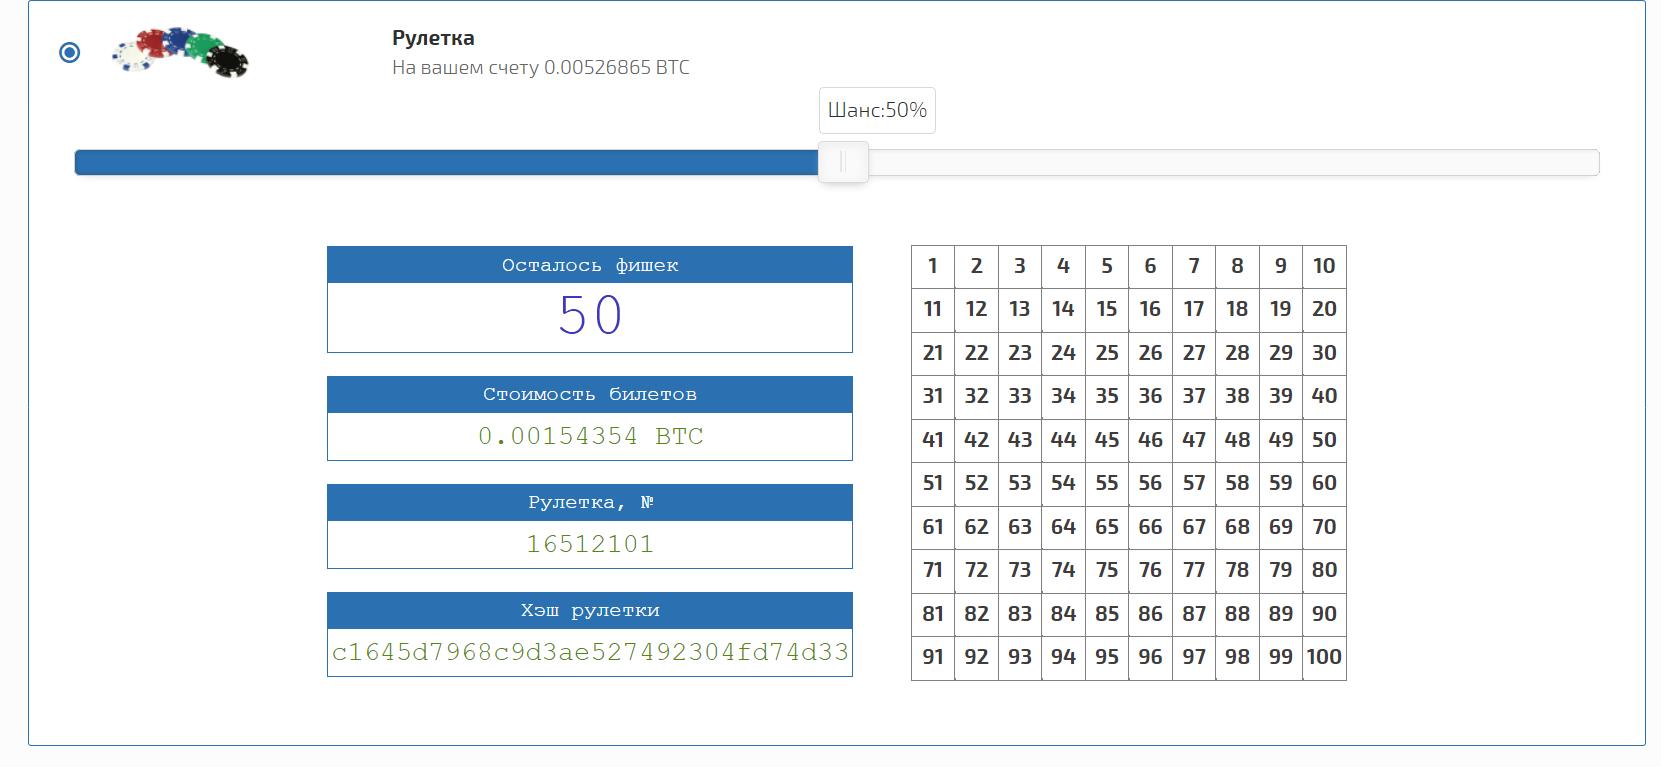 Рулетка при заказе на HYDRA – правила и подробности работы.